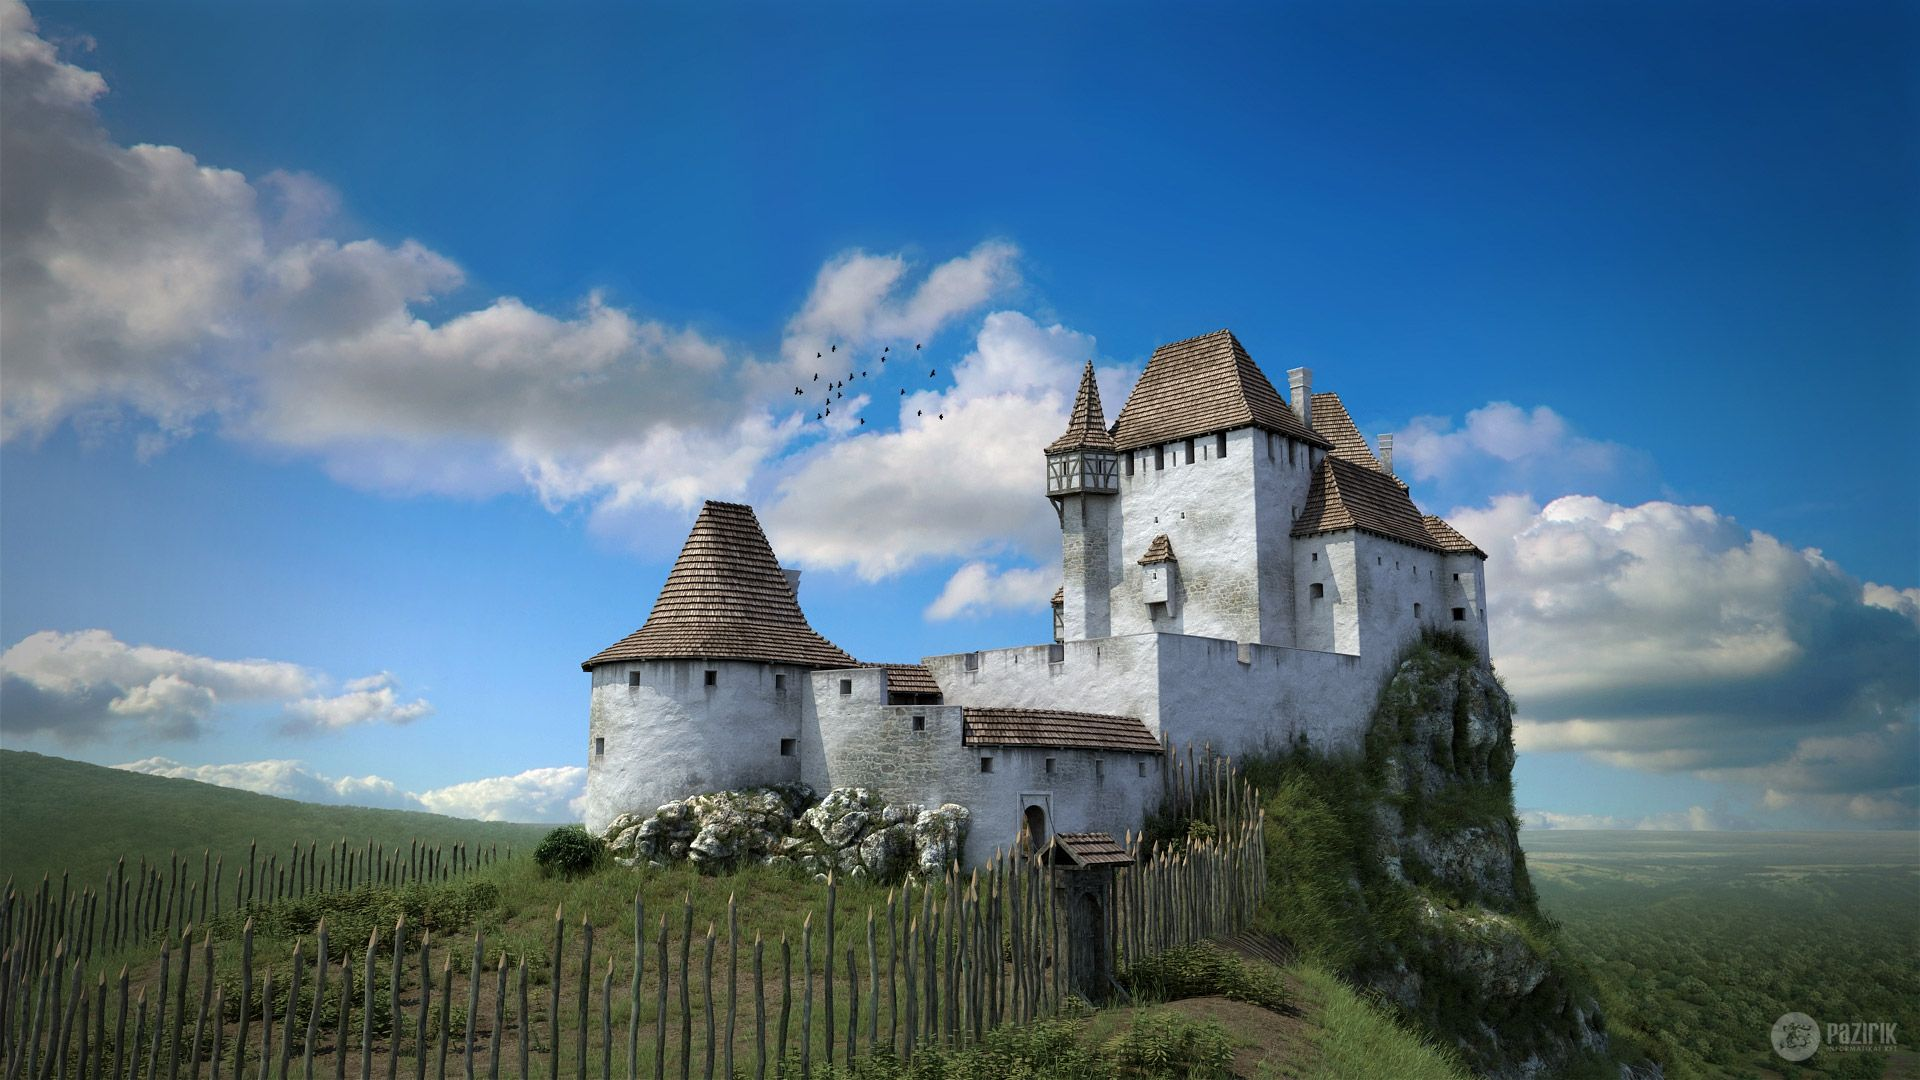 Drégely Castle - 3D reconstruction by Pazirik | Castles of Medieval